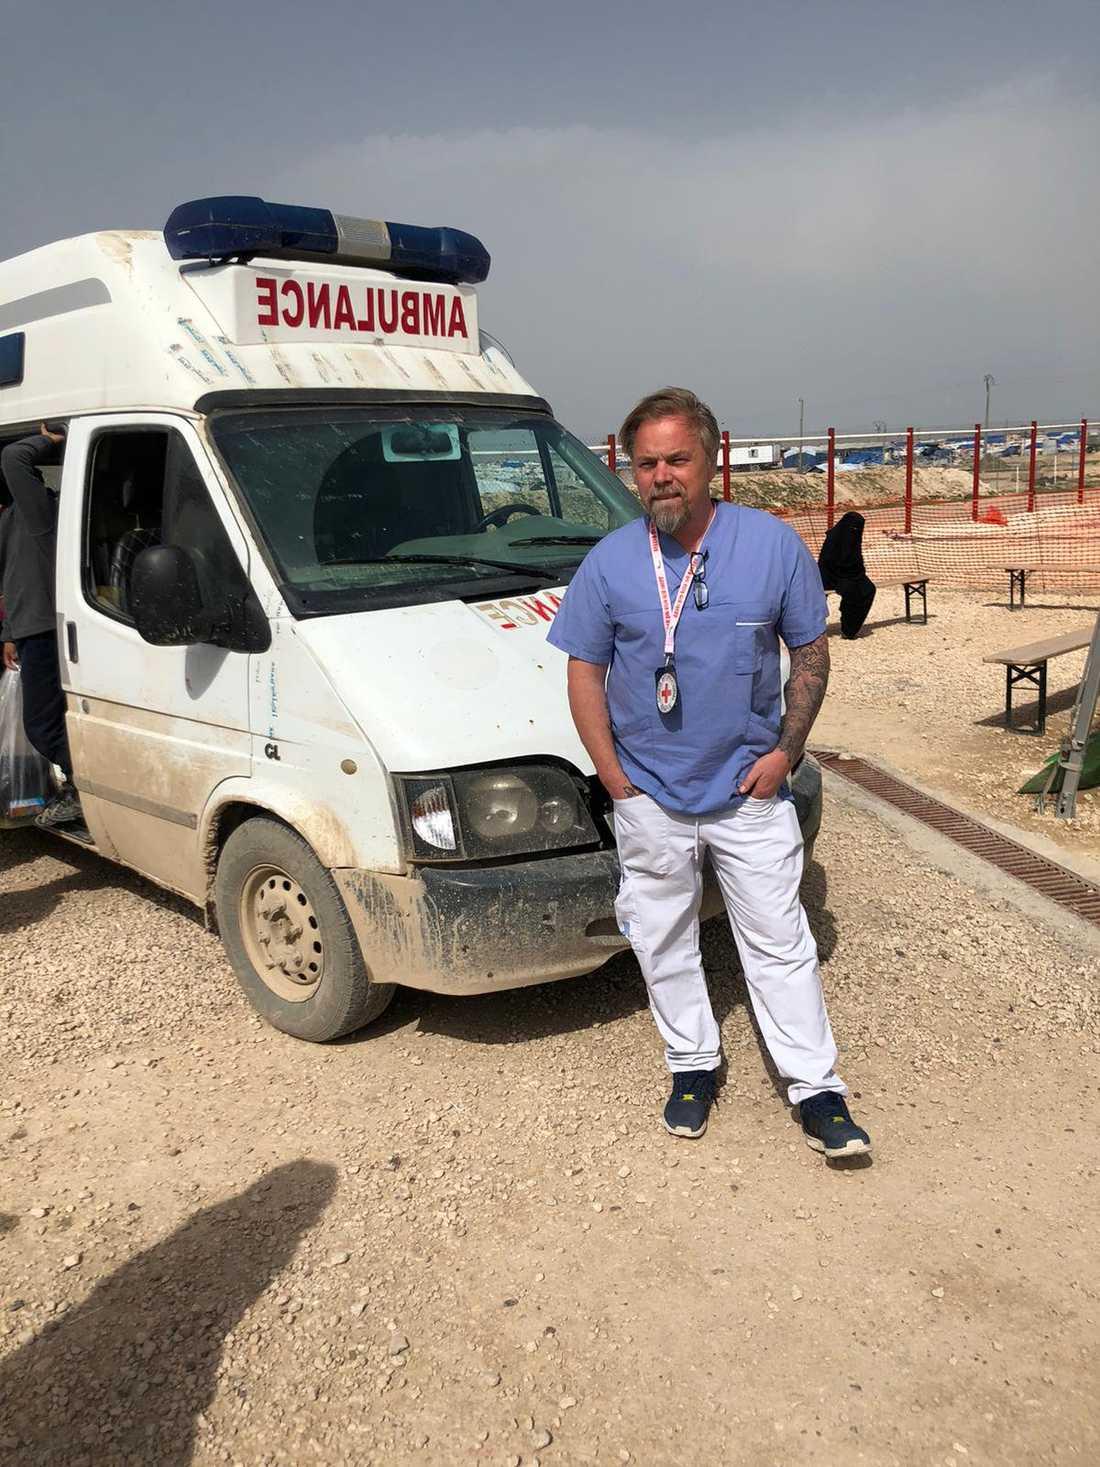 """Fredrik Runsköld jobbar som sjuksköterska på ett fältsjukhus precis utanför lägret al-Hol i norra Syrien. """"När coronaviruset väl sprids i lägret kommer det att ske okontrollerat och explosionsartat"""" säger han."""